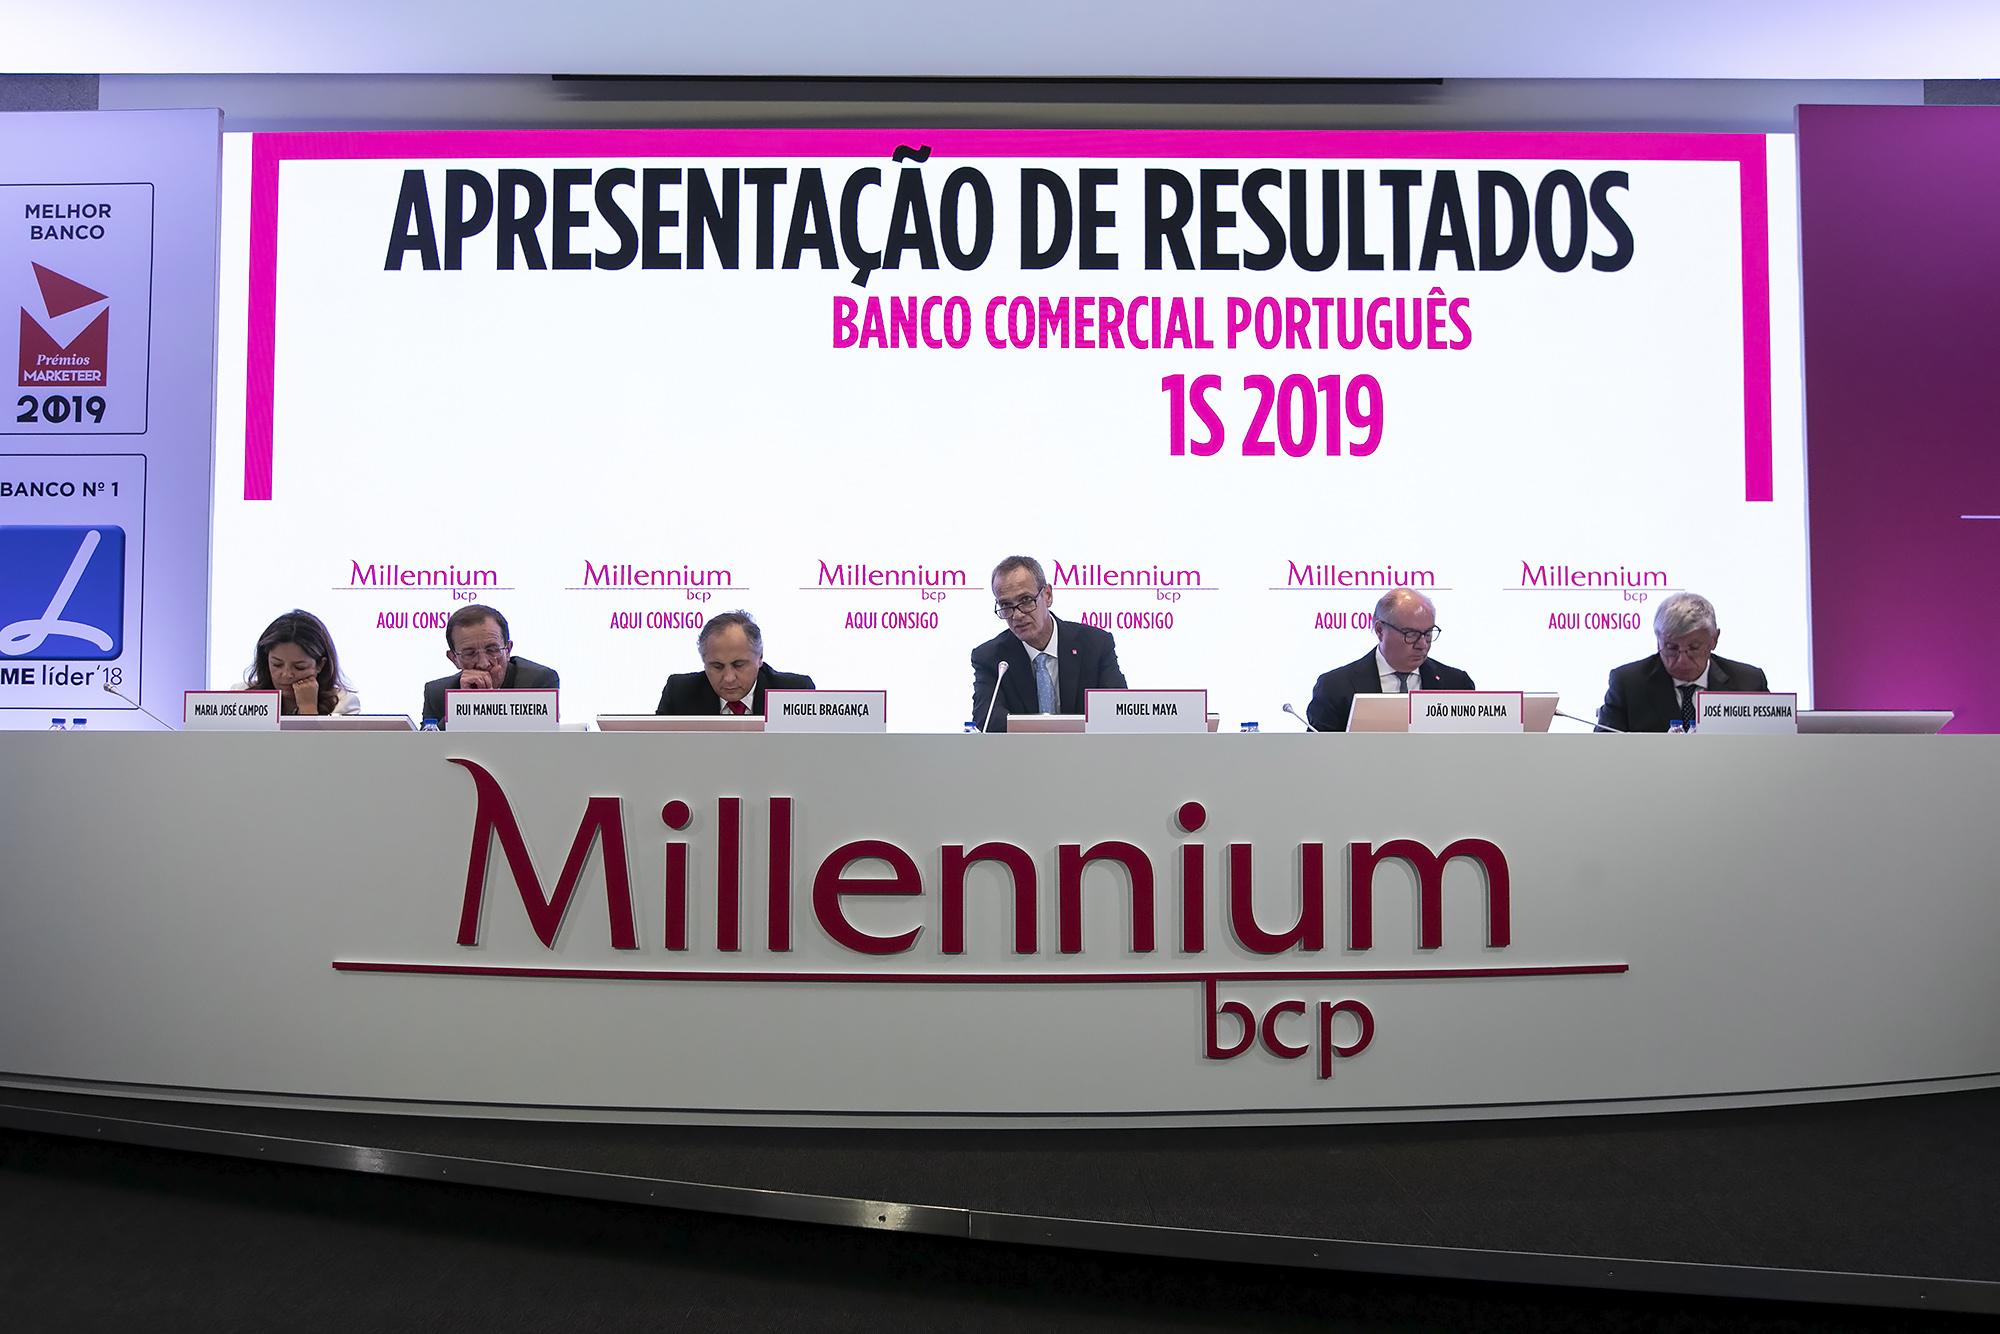 Apresentação de resultados do 1º semestre do Millennium BCP - 29JUL19